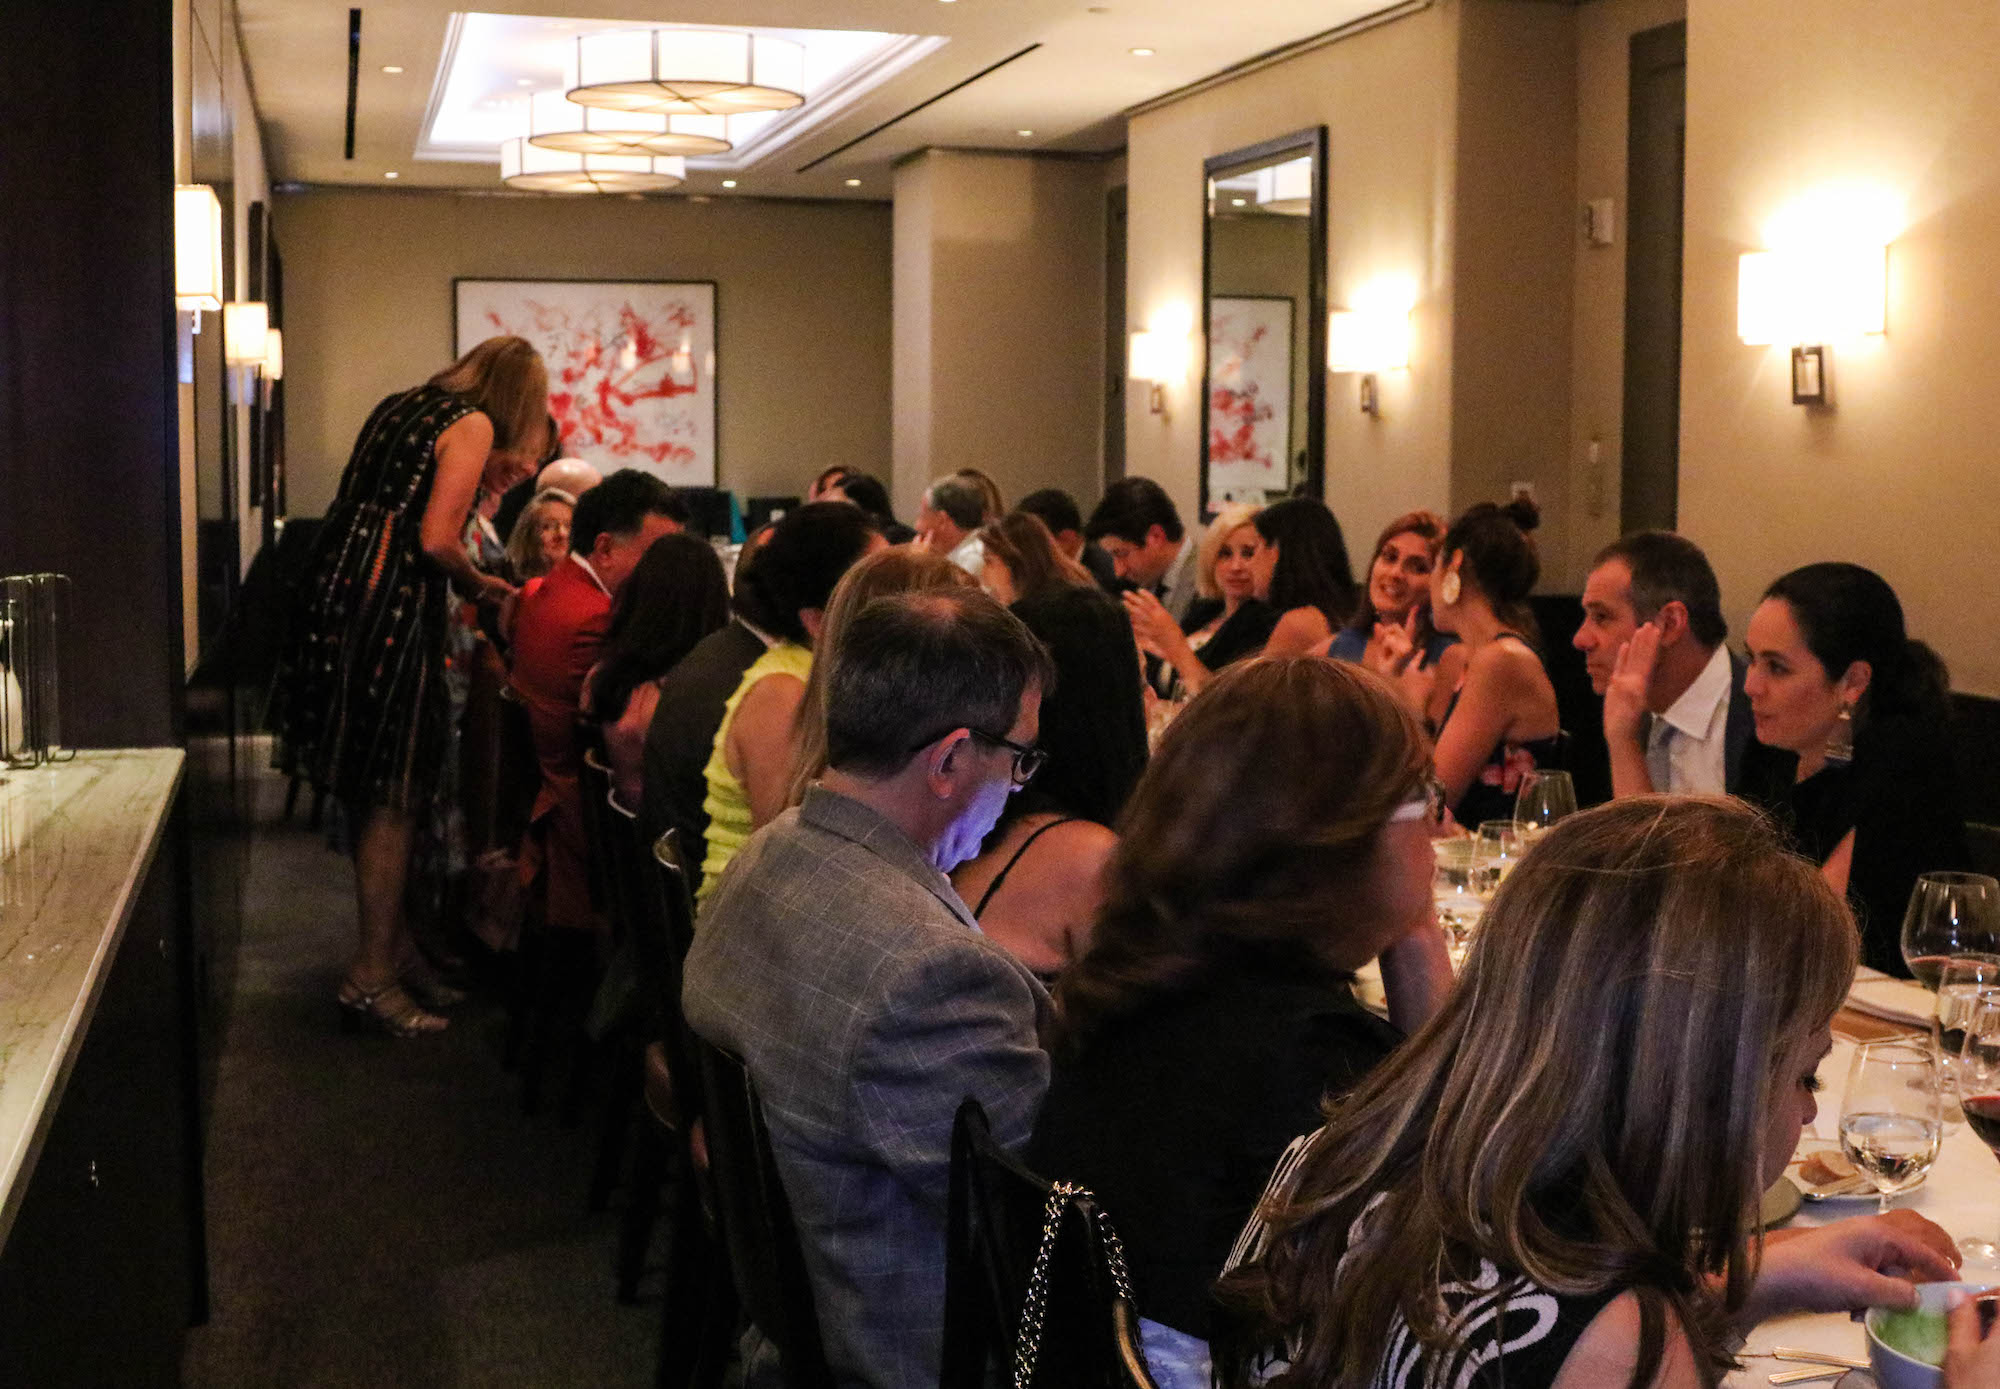 Cafe Boulud Fundraiser Daniel Boulud New York BrazilFoundation Brazil Philanthropy